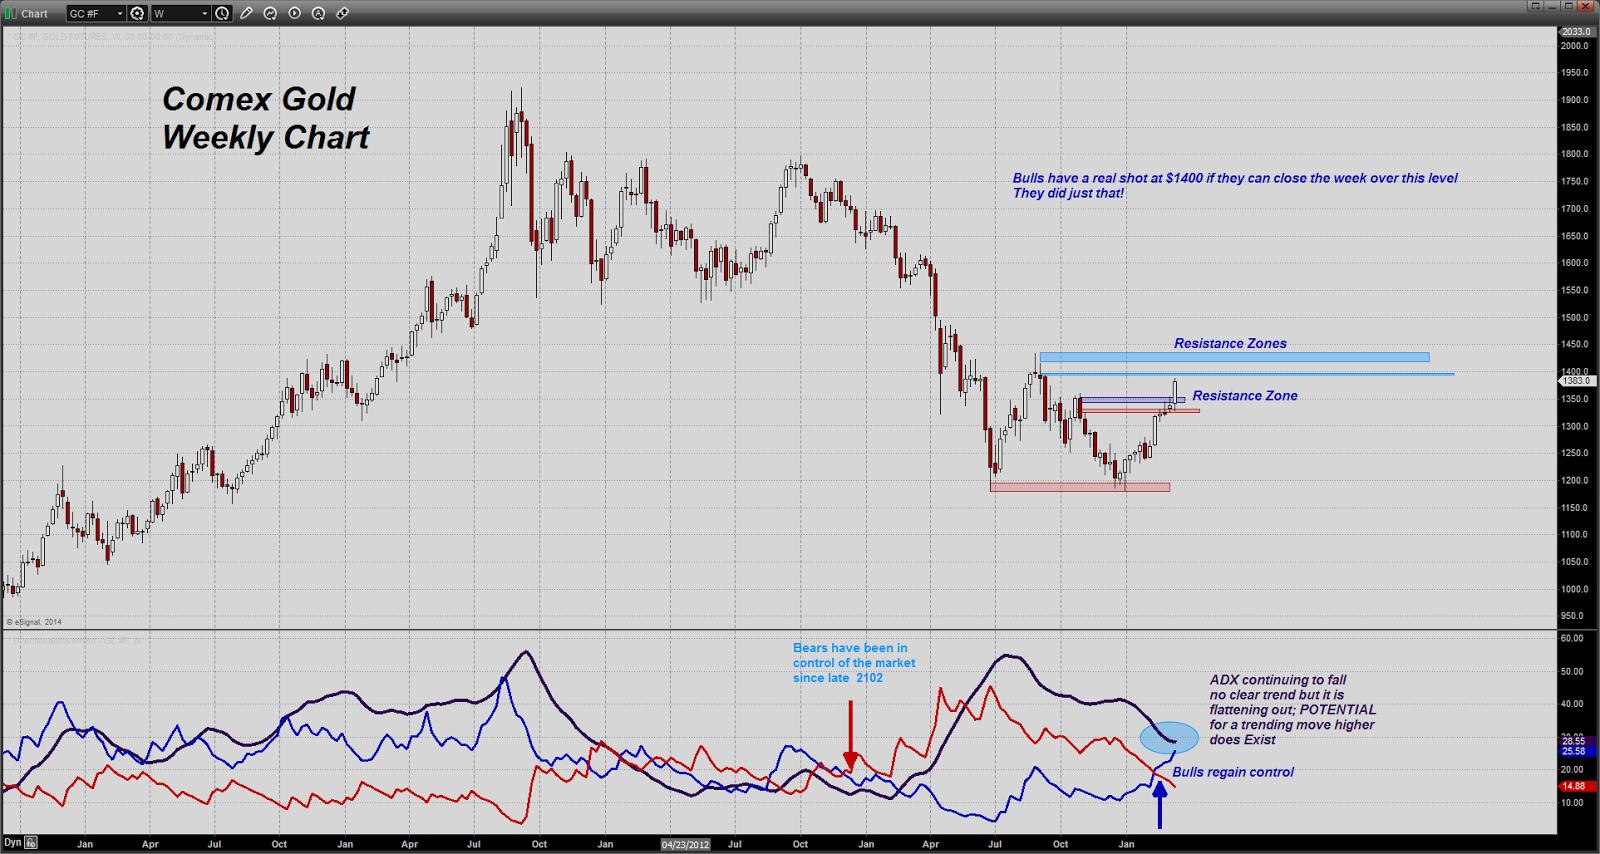 prix de l'or, de l'argent et des minières / suivi quotidien en clôture - Page 11 Chart20140314124702